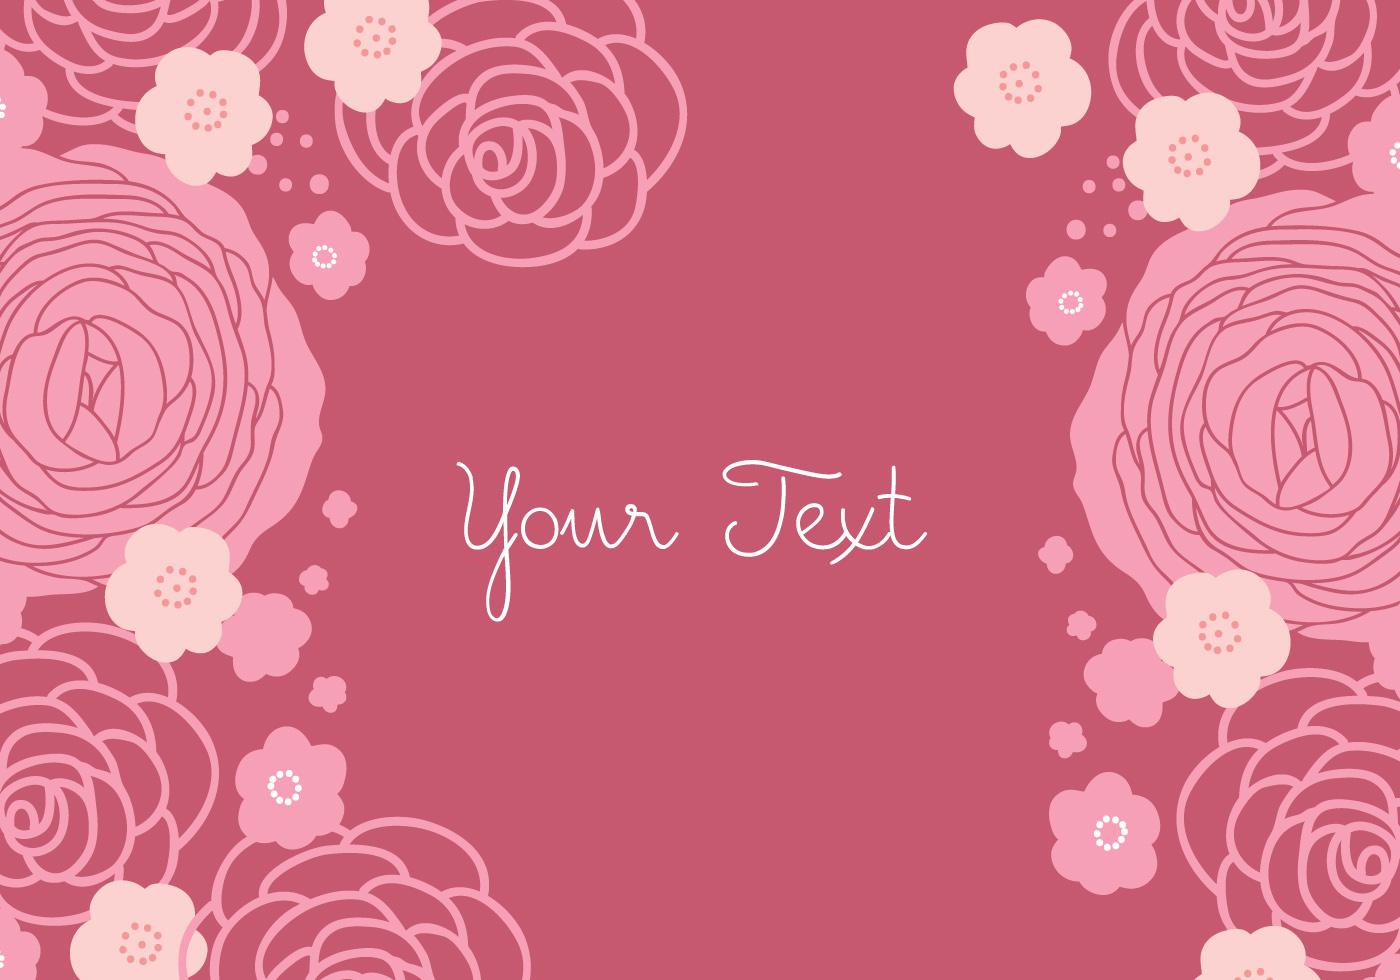 Floral Rose Background Design - Download Free Vector Art ...